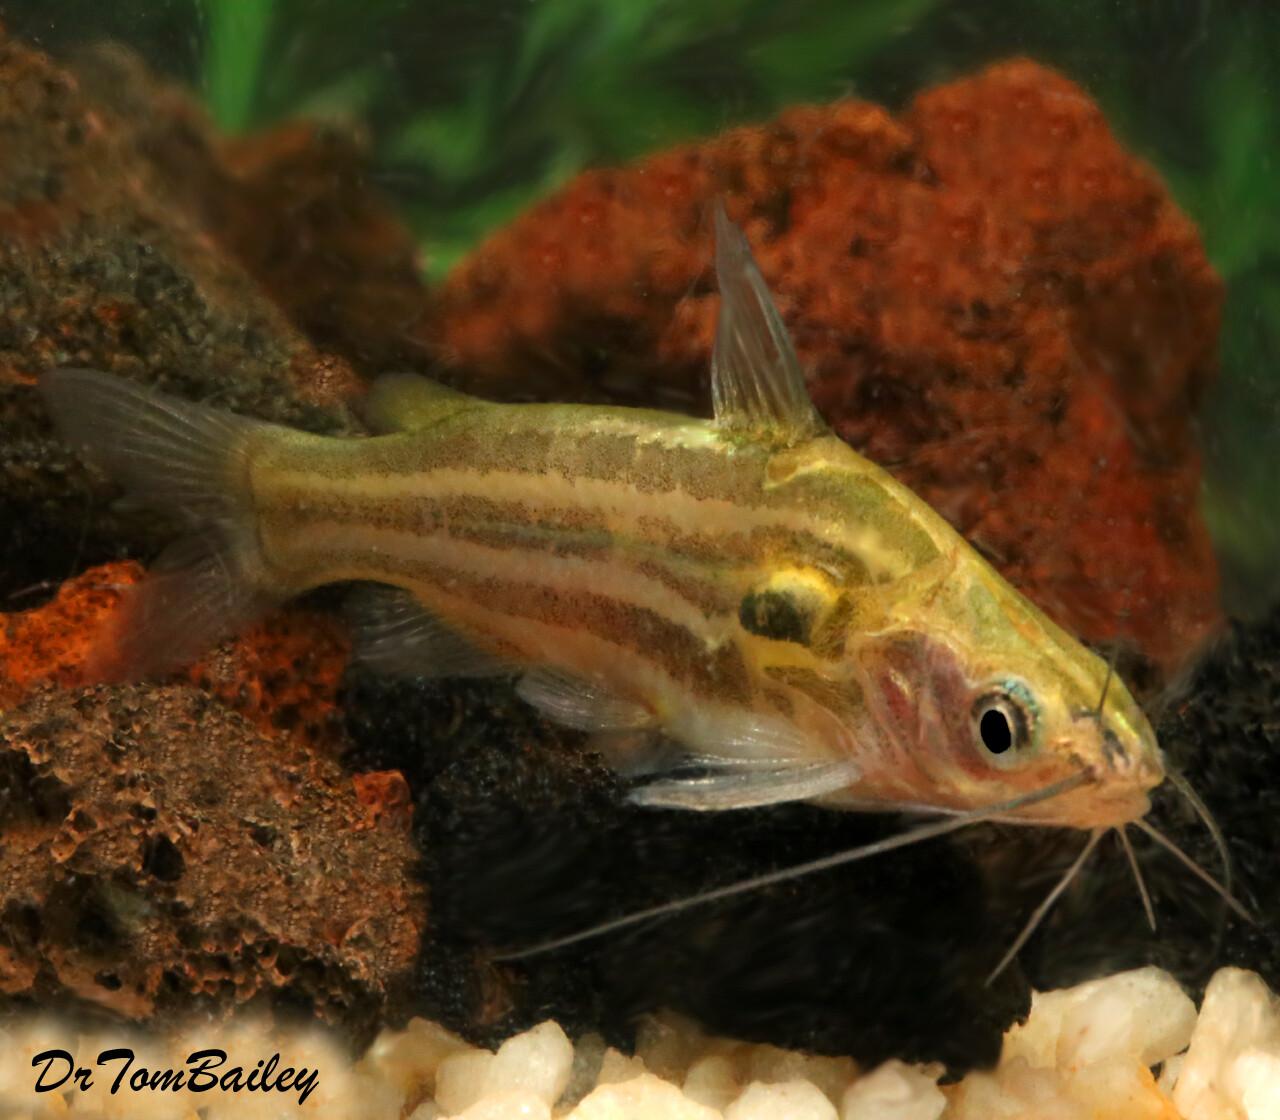 Premium WILD, Rare Golden Mystus Tengara Catfish